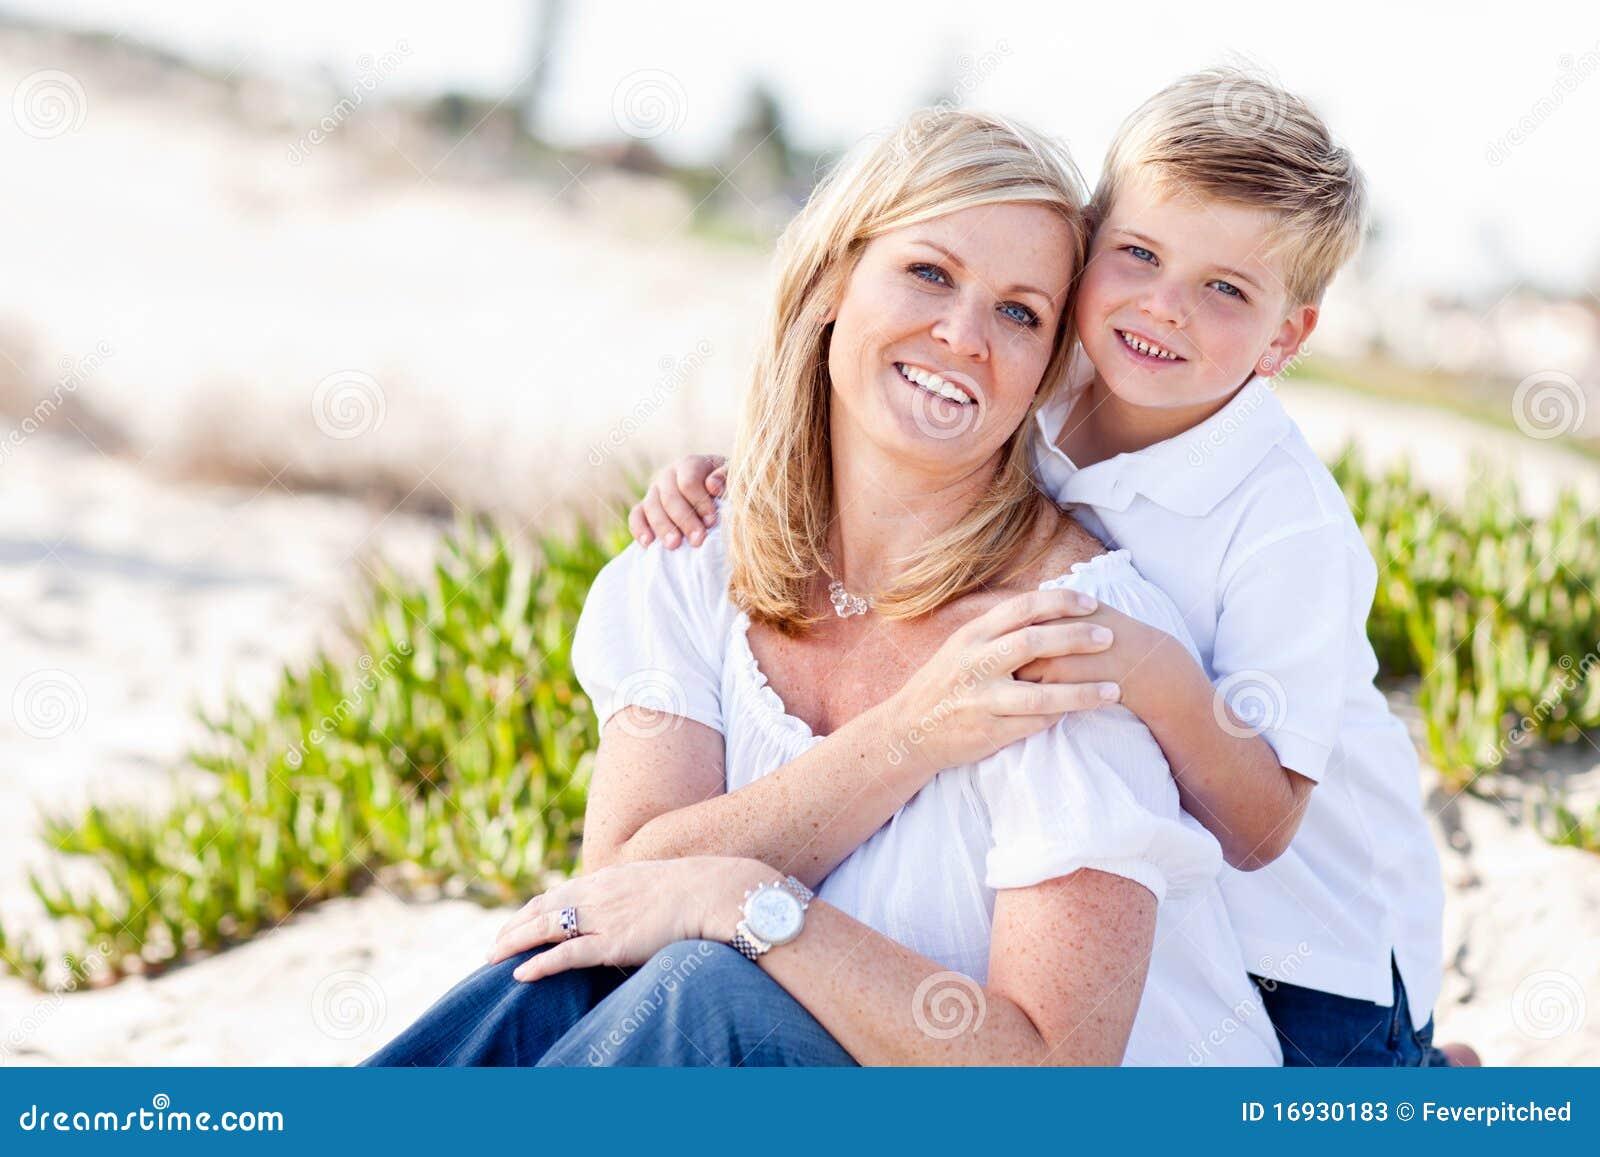 Сыны и мамочки 22 фотография